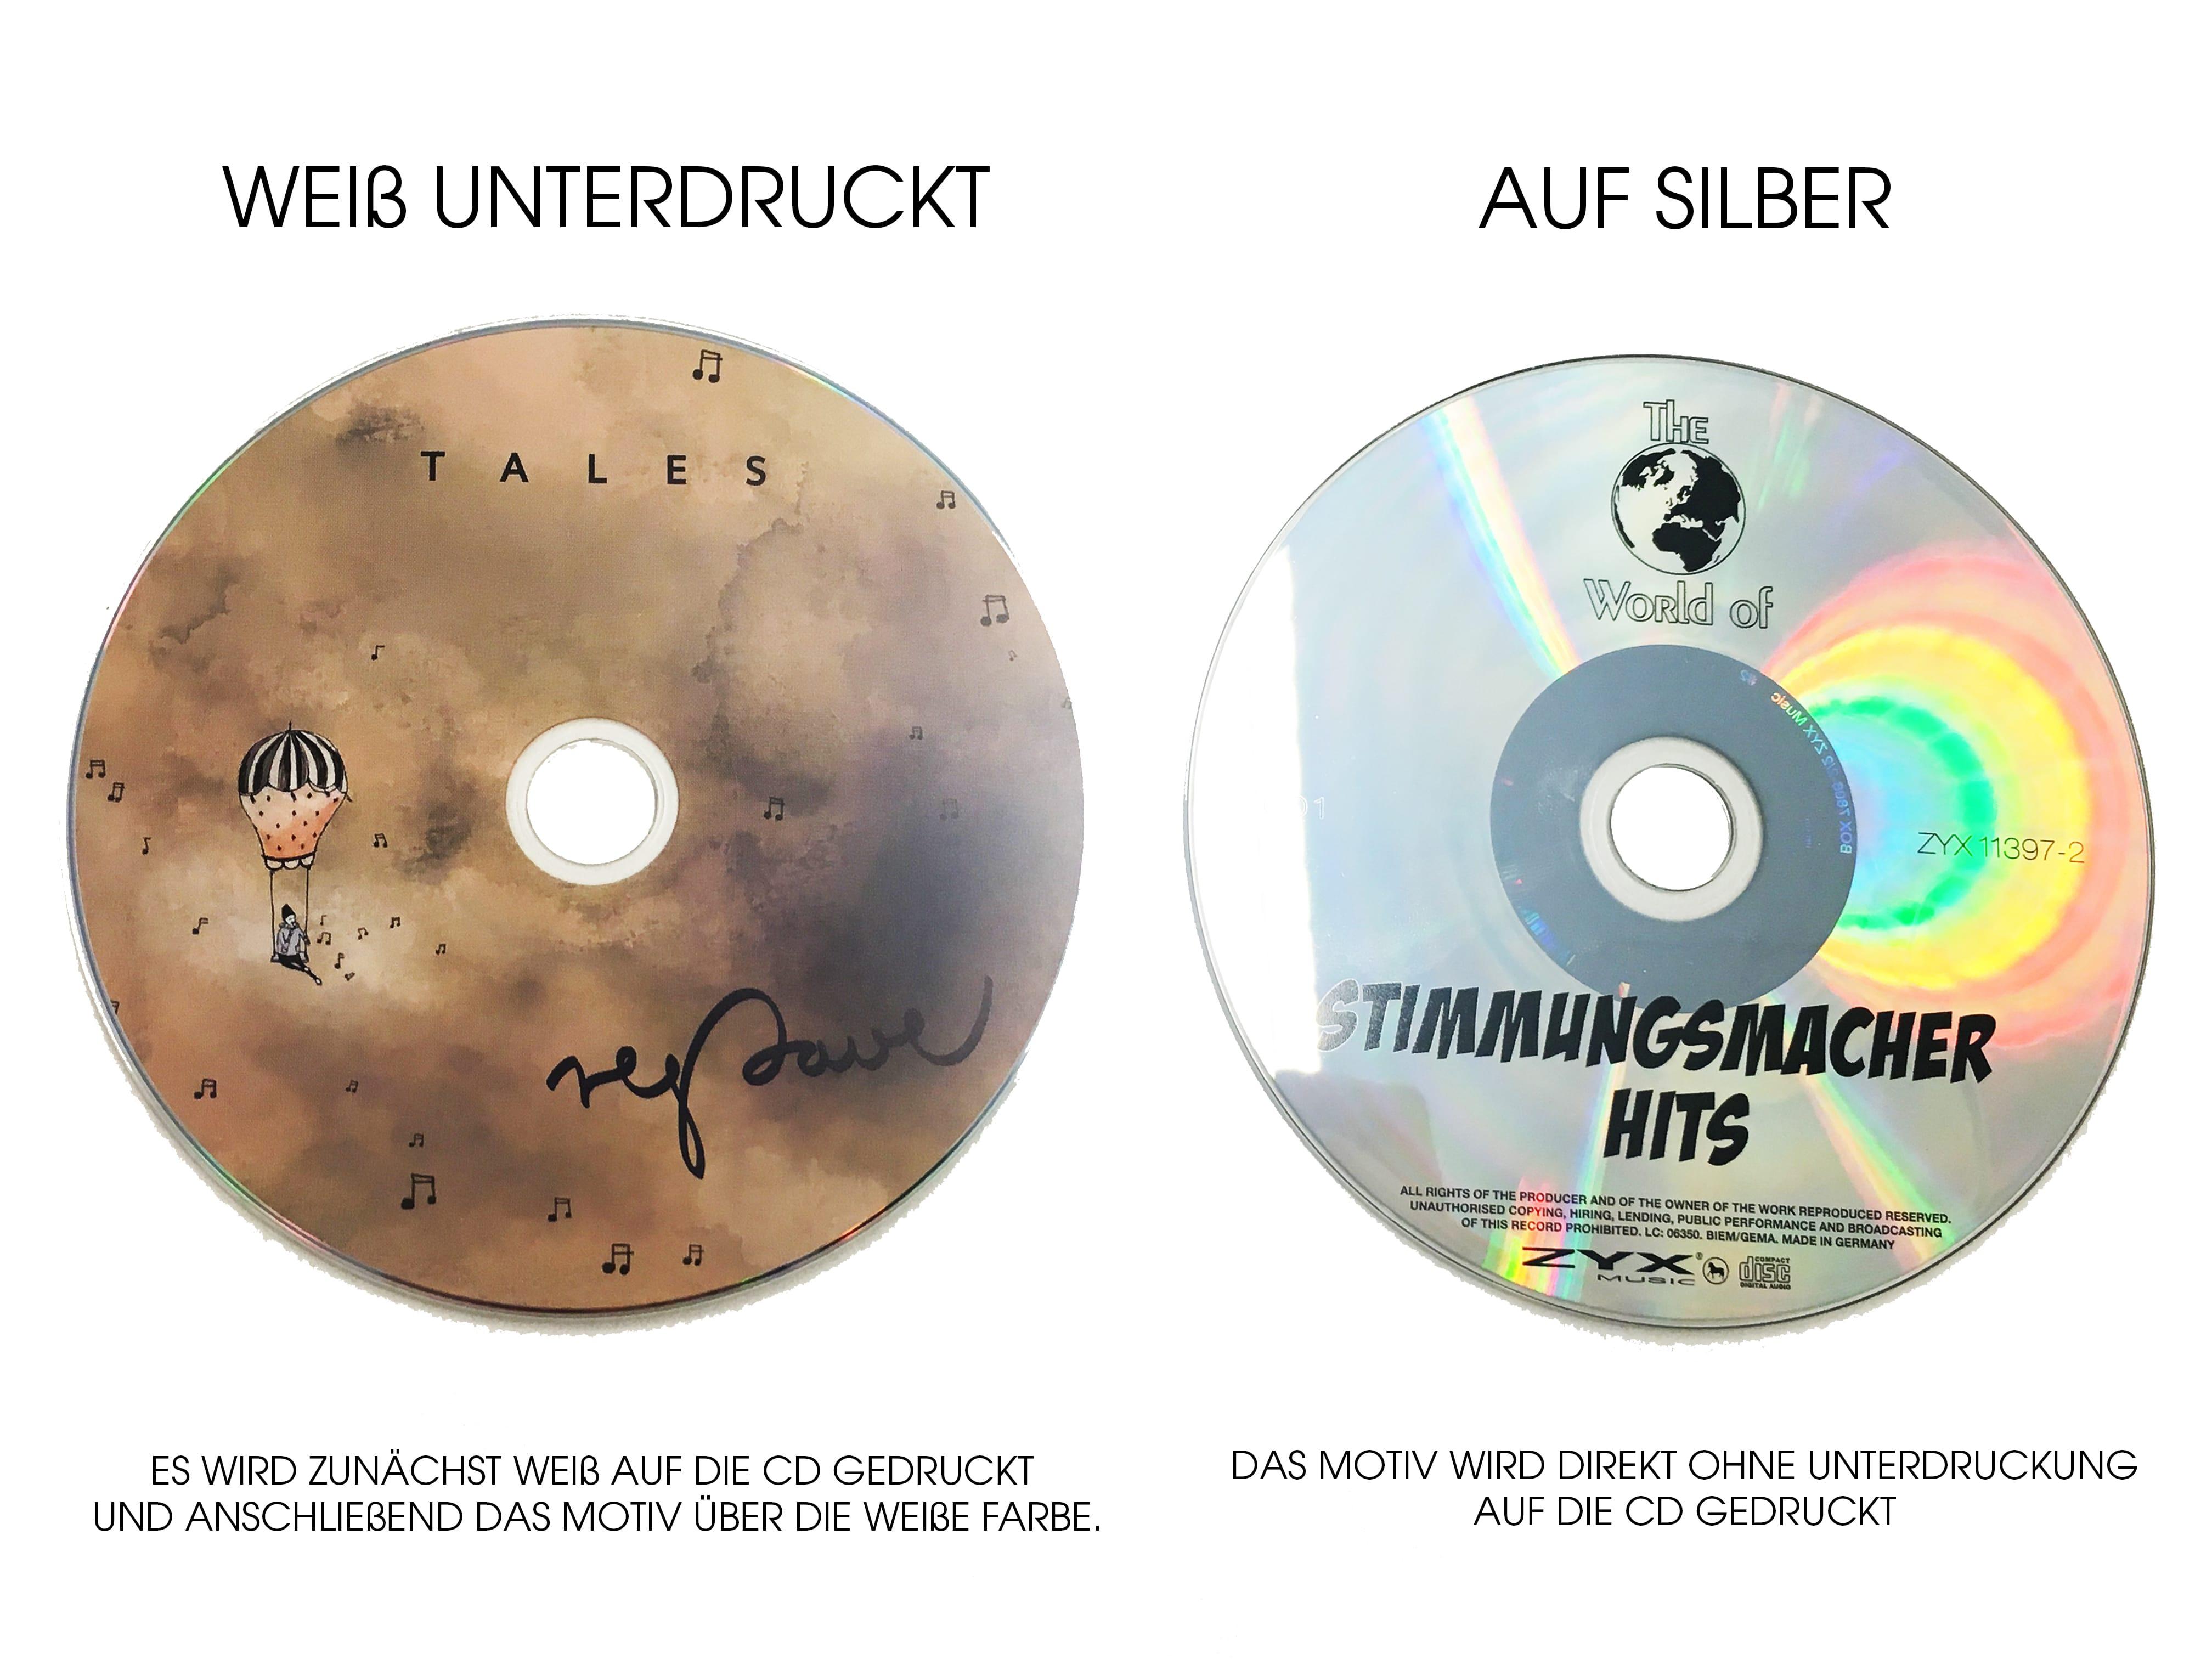 Weiß Unterdruckte CD und mit silberner Oberfläche